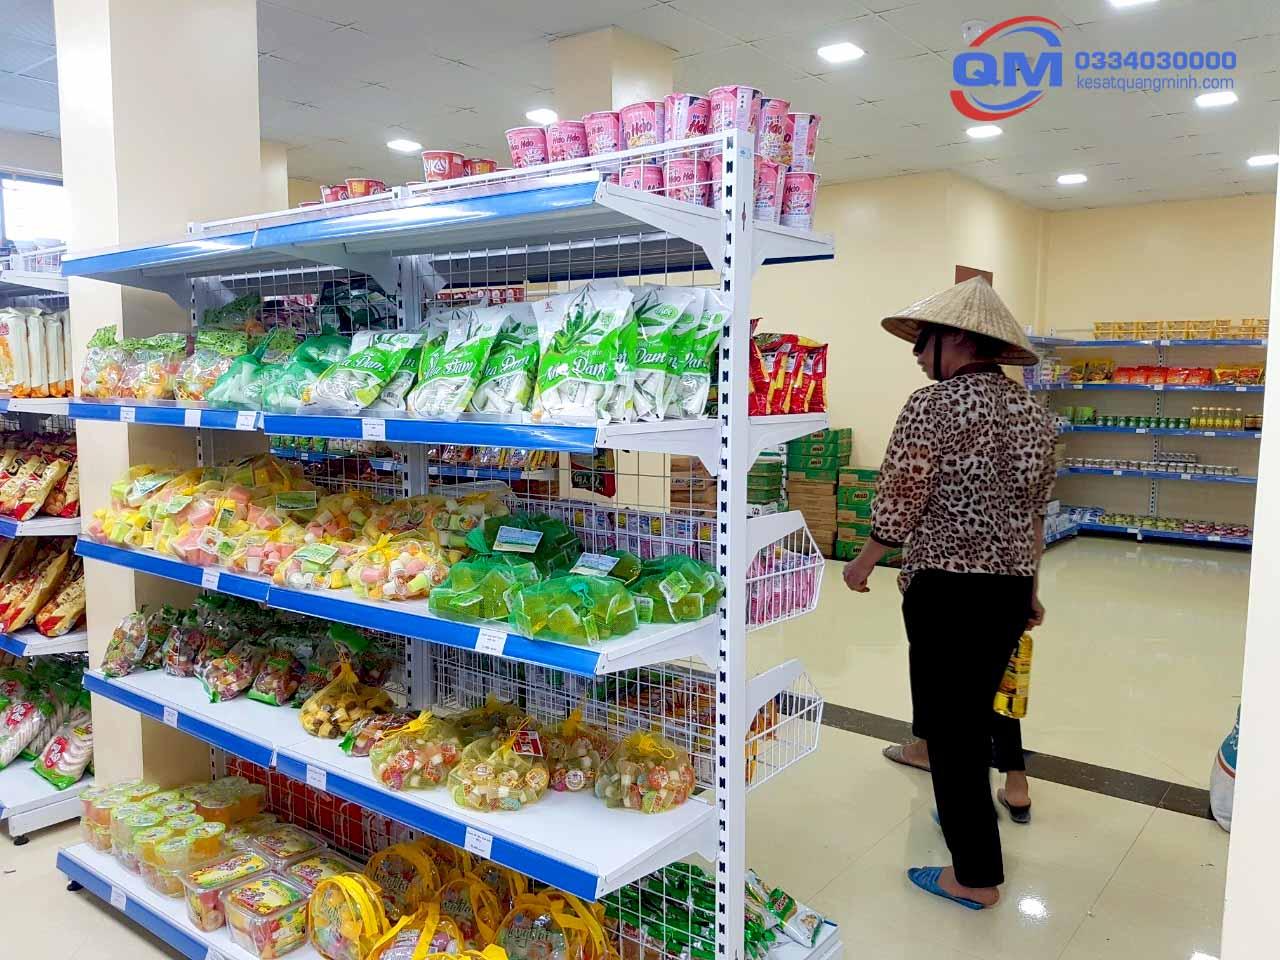 Mua kệ siêu thị thanh lý giá rẻ